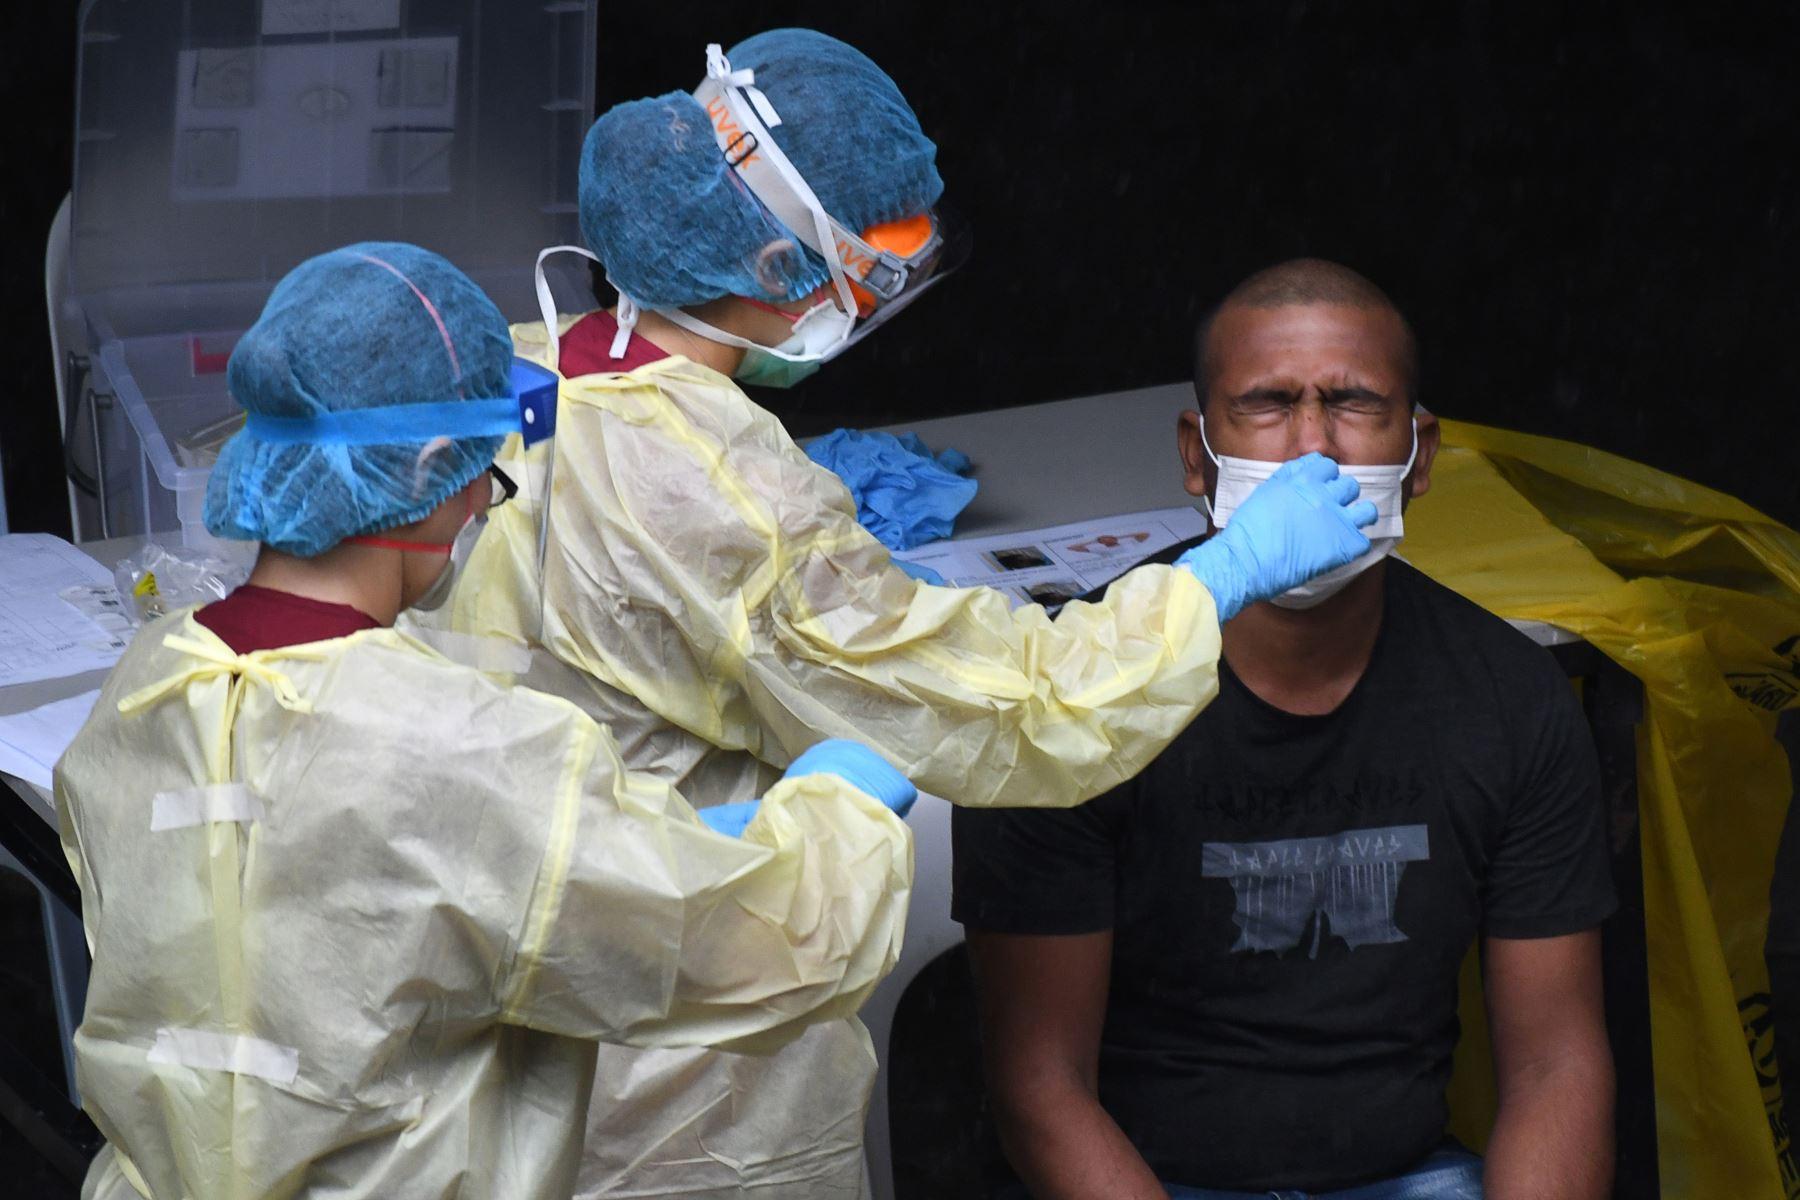 América se mantiene como el continente más golpeado por la pandemia, con 6.66 millones de casos. Foto: AFP